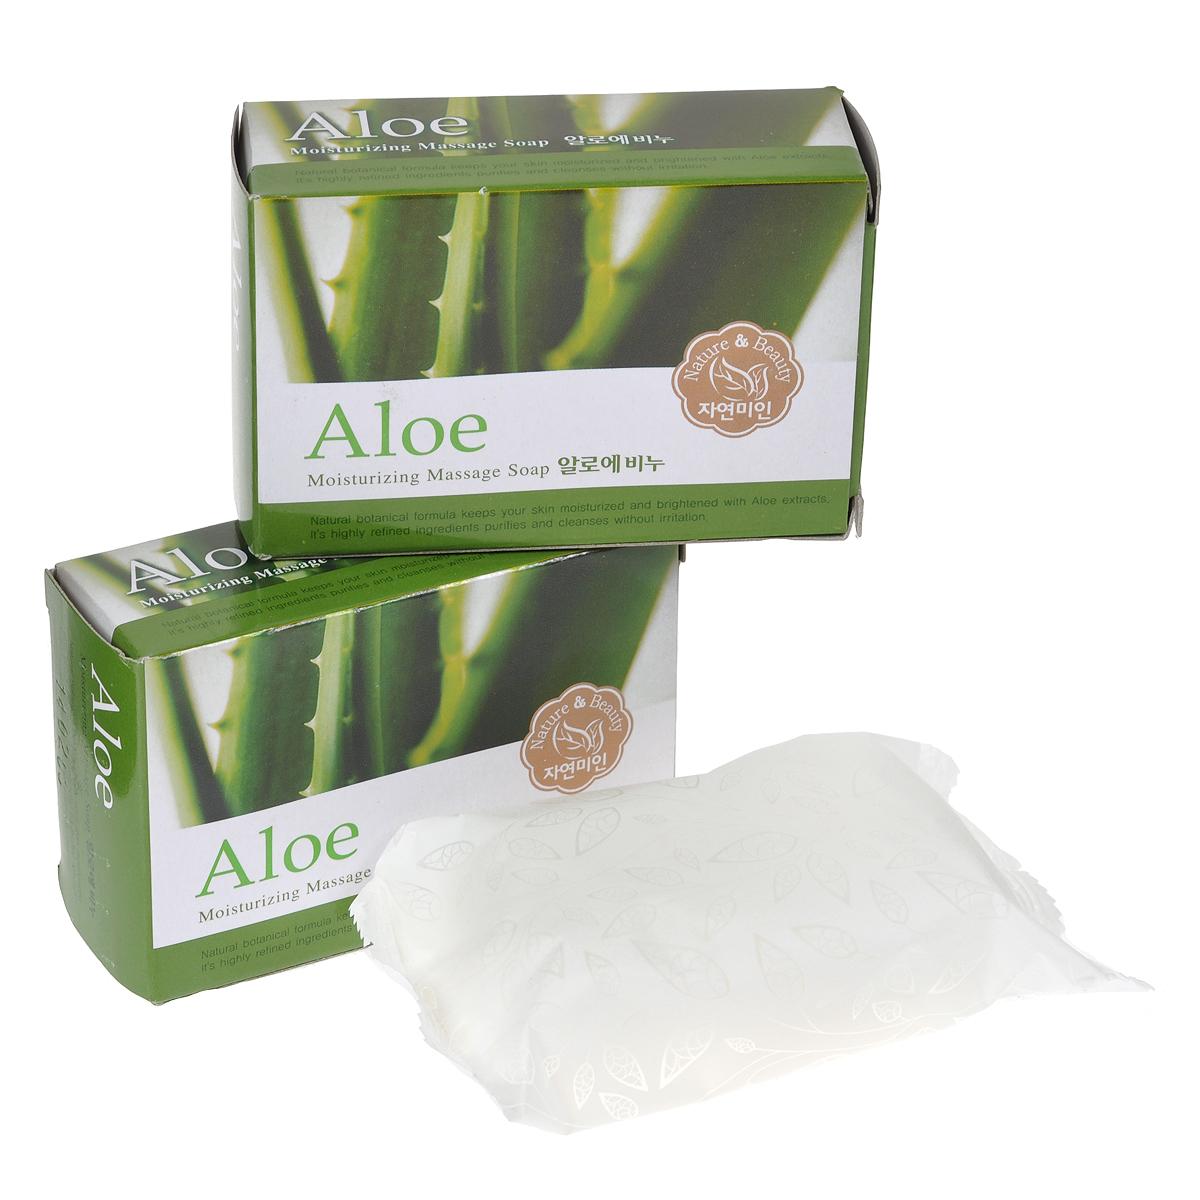 Mukunghwa Косметическое мыло Алоэ, 3 х 100 гУТ000000703Экстракт алоэ, входящий в состав мыла, отлично очищает, тонизирует и увлажняет кожу. Мыло препятствуют появлению раздражений, не нарушая естественного защитного барьера. Способ применения : с помощью воды вспеньте мыло, нанесите на кожу, после чего тщательно смойте обильным количеством воды. Характеристики: Количество: 3 шт. Вес: 3 х 100 г. Товар сертифицирован. Состав: мыльная основа, отдушка, дециловый полиглюкозид, гидрогенизированное касторовое масло, лактат натрия, экстракт алое, масло жожоба, тетранатрия этидронат, диоксид титана, консервант BHT, MultIEX BSASM.